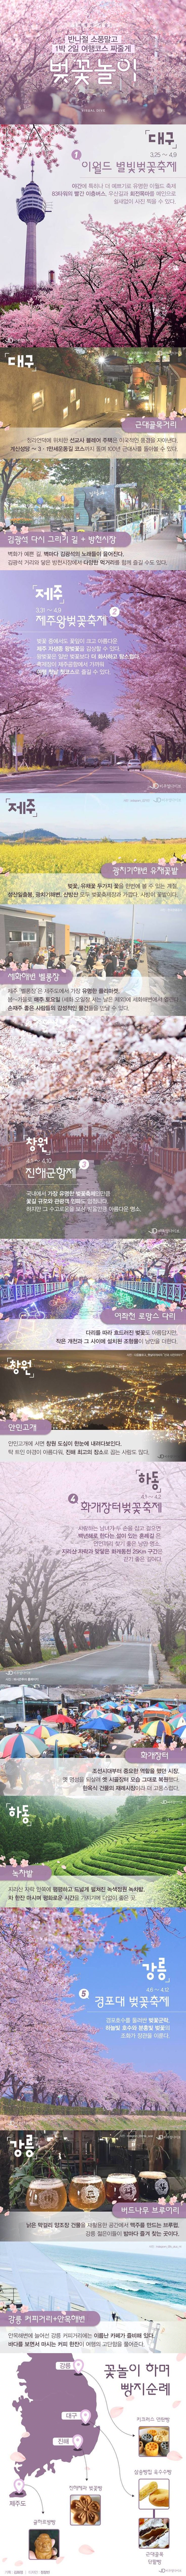 [여행의 기술] 벚꽃놀이 1박2일 코스 총정리 #Cherry_Blossom / #cardnews ⓒ 비주얼다이브 무단 복사·전재·재배포 금지